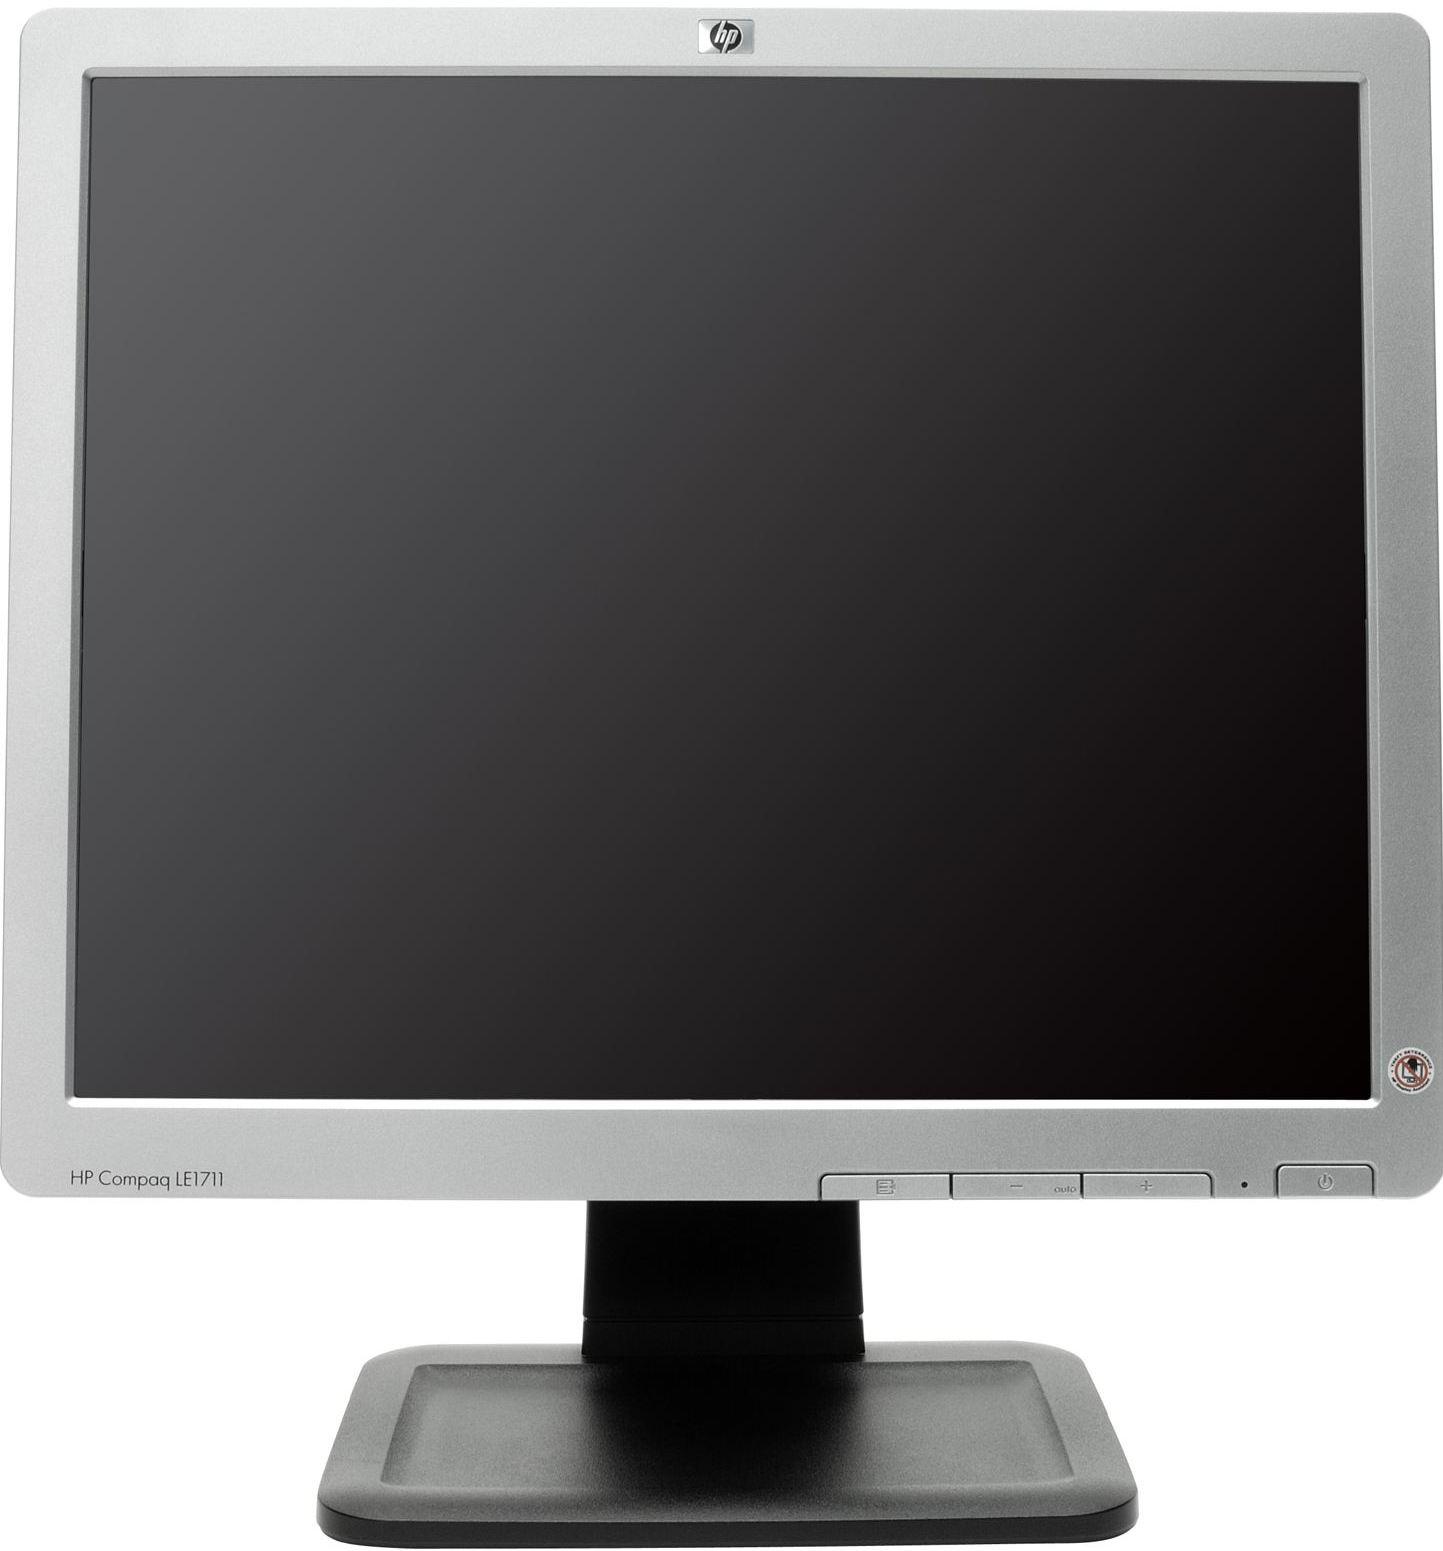 Sun Tv На Компьютер